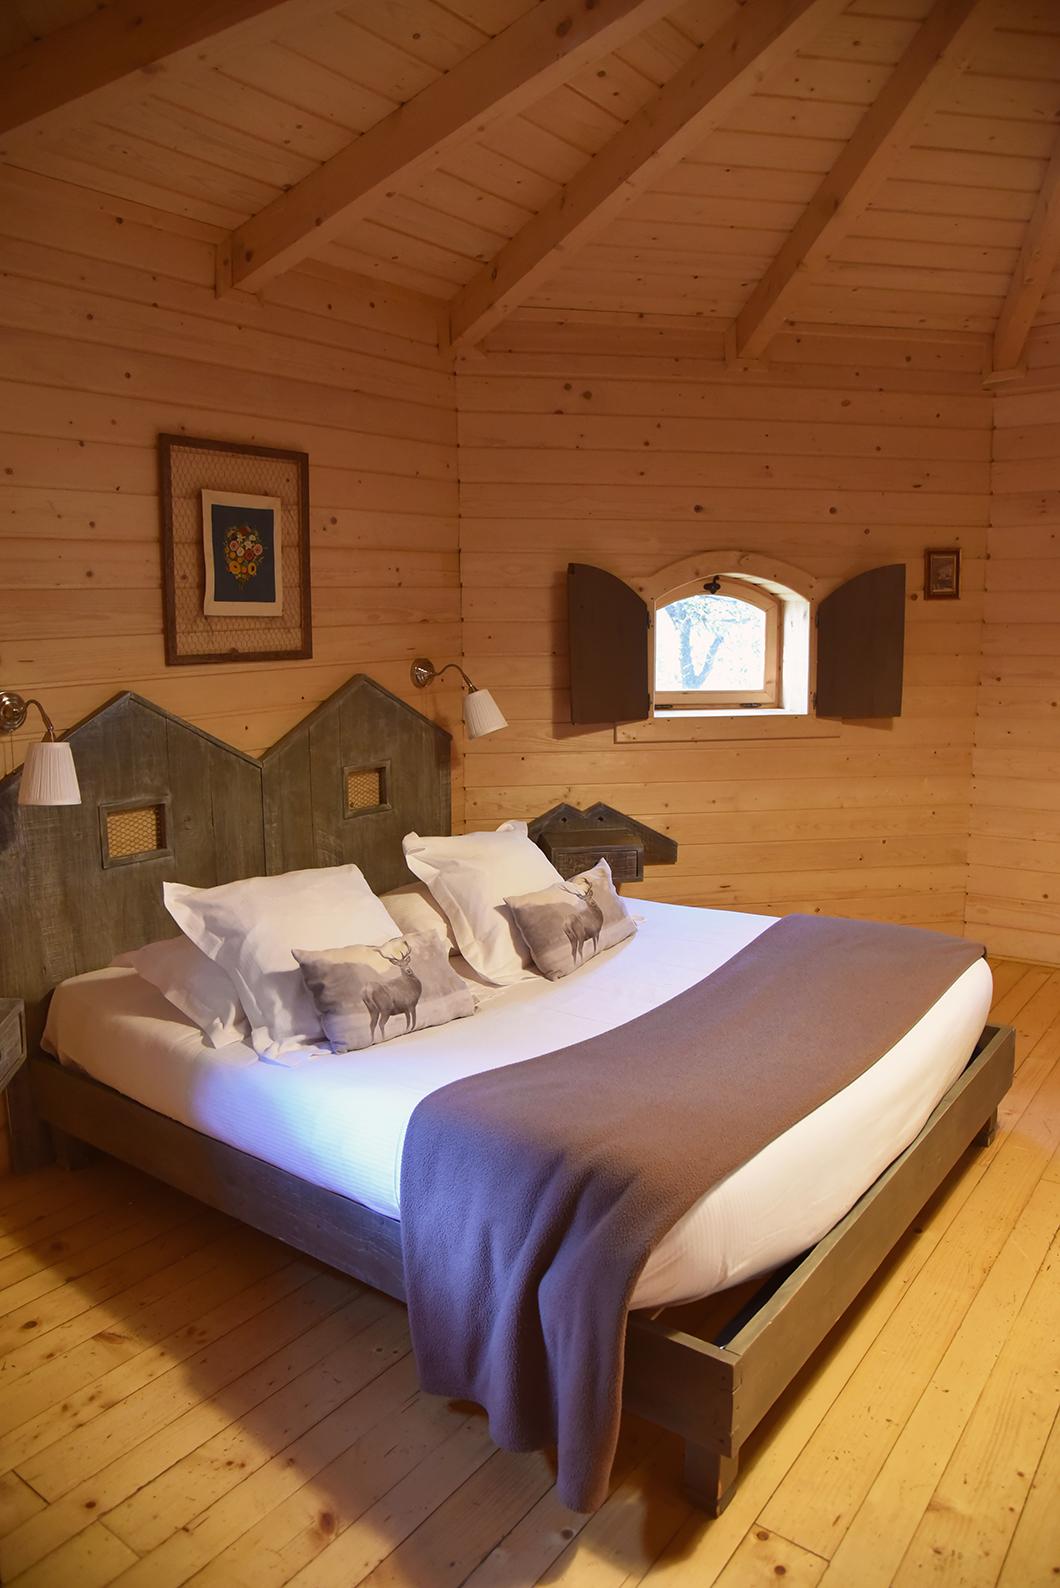 Passer la nuit dans une cabane dans les Bois à Carcassonne